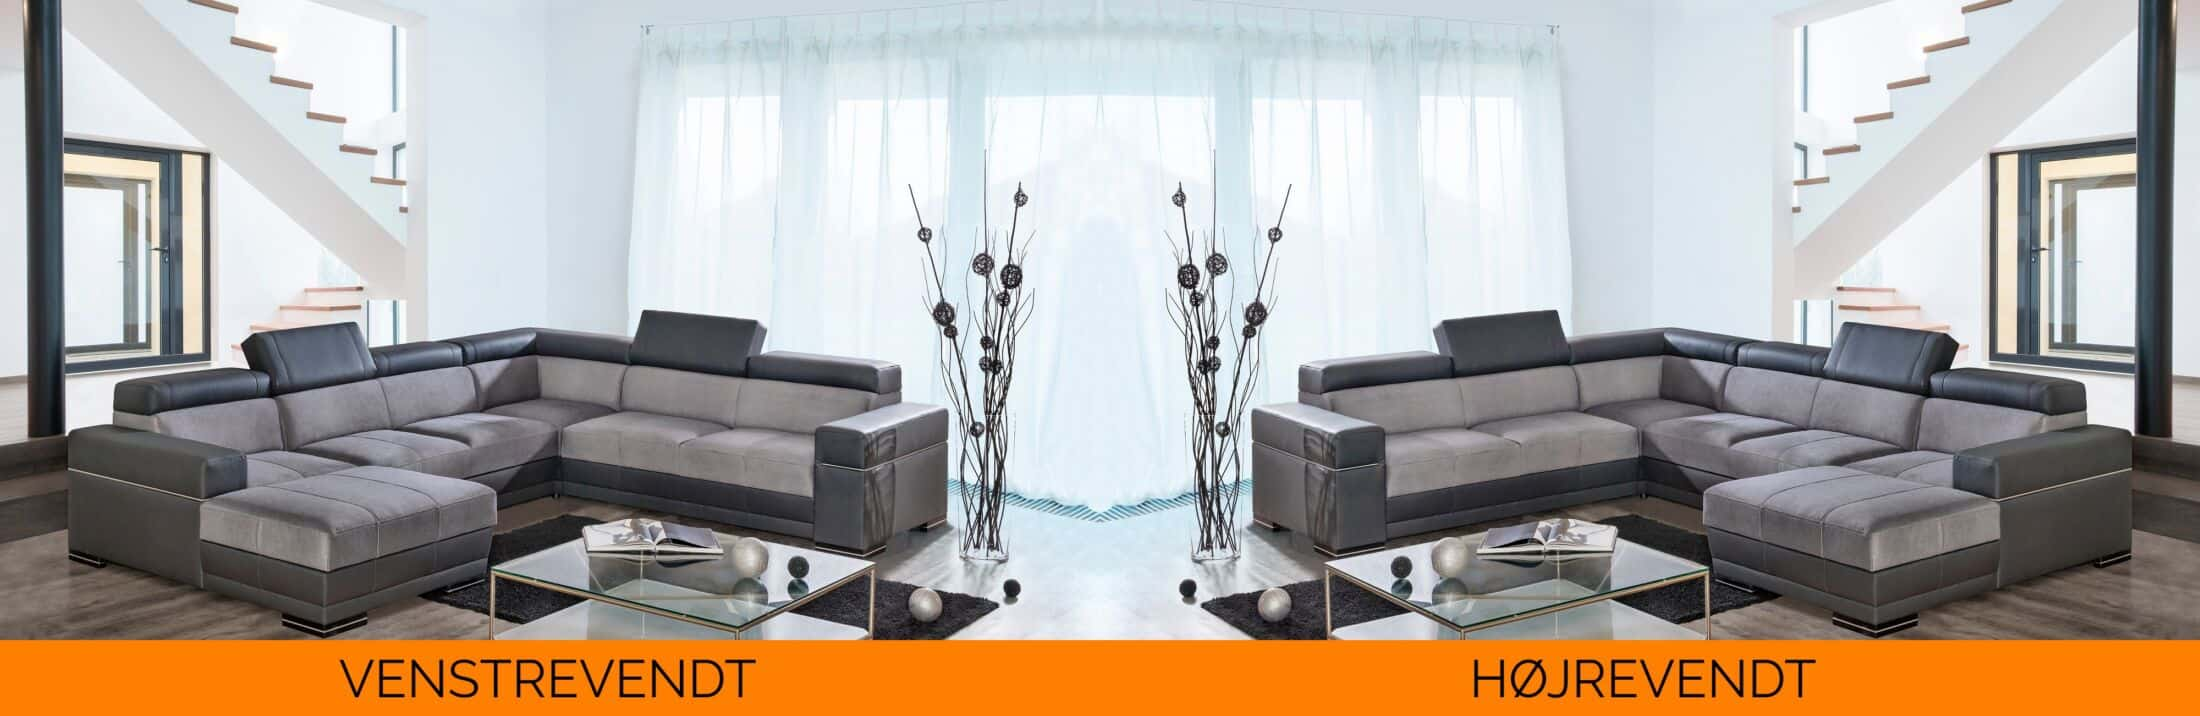 Pandoers u-sofa. Billedet viser hvordan sofaen vender